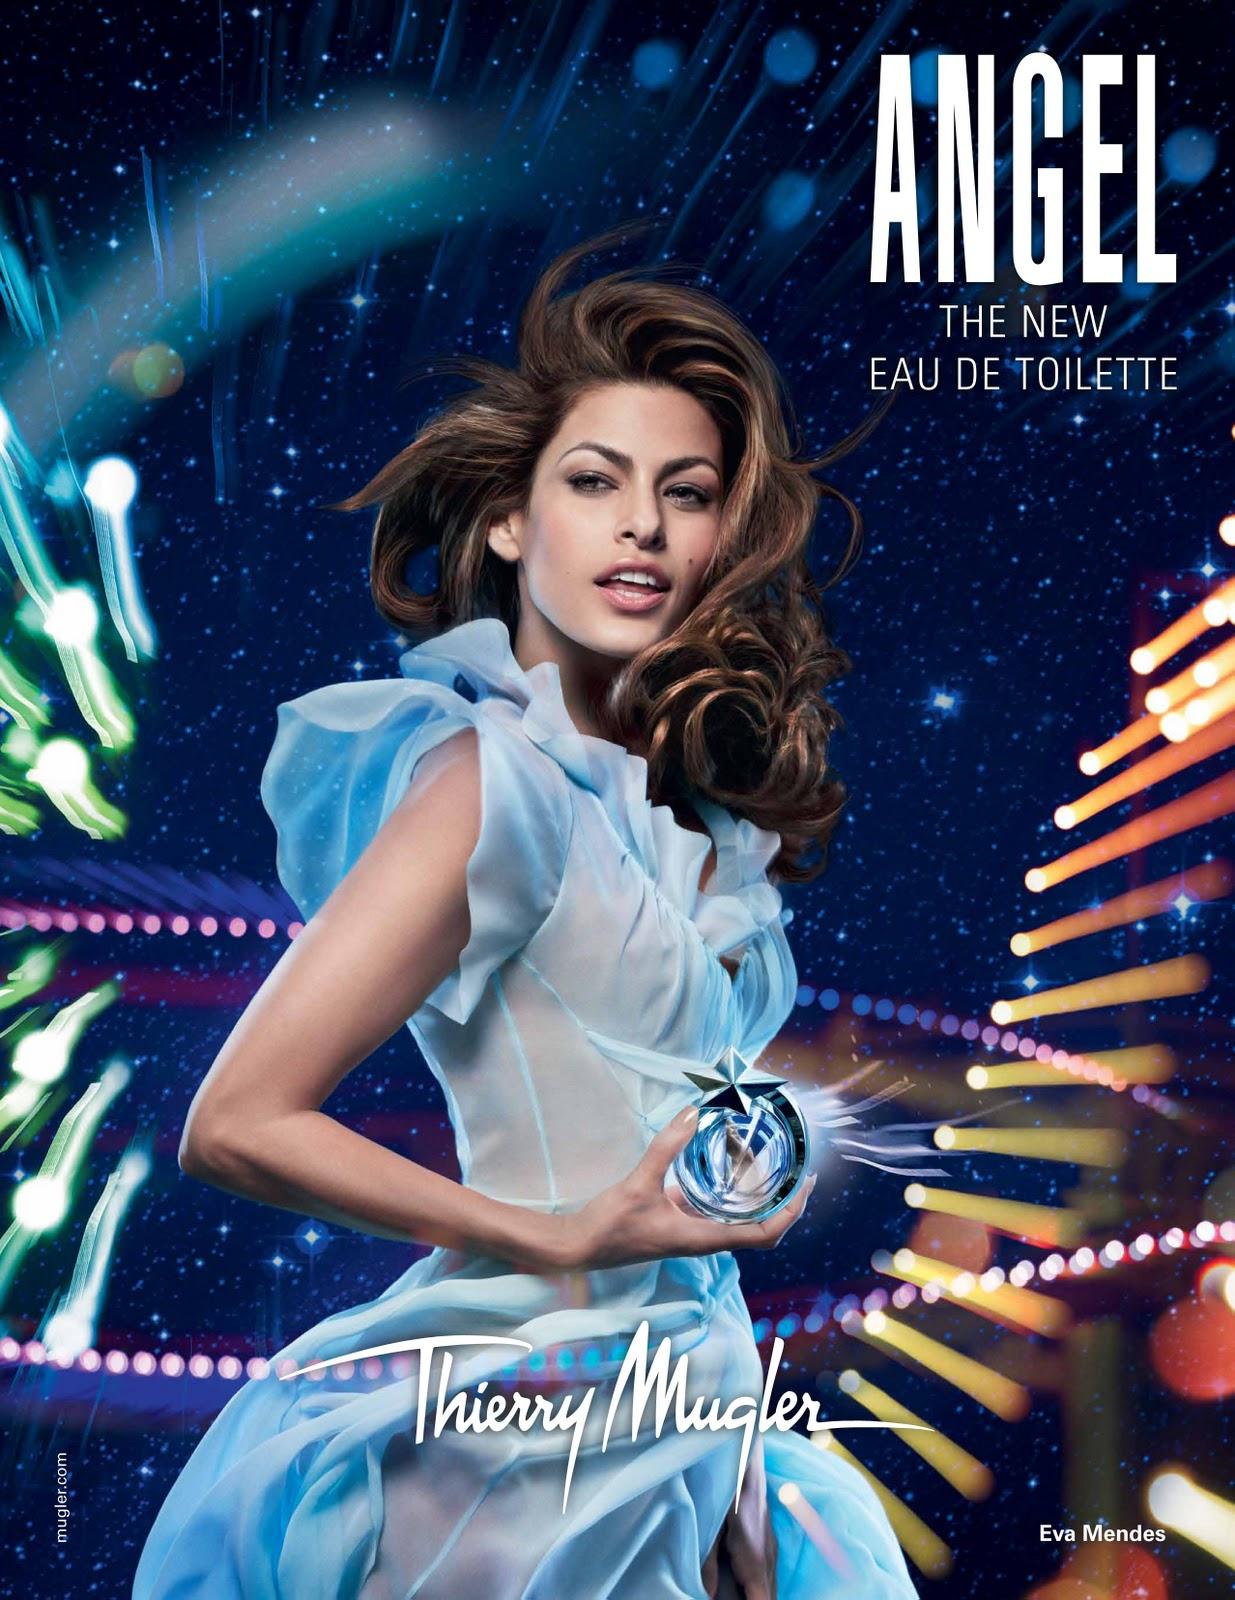 http://1.bp.blogspot.com/-EE07ikl4eYw/TpHZVvPyKhI/AAAAAAAABDE/TRiNbV6k3_0/s1600/Angel+EDT+SP+Ad_Eva+Mendes.jpg